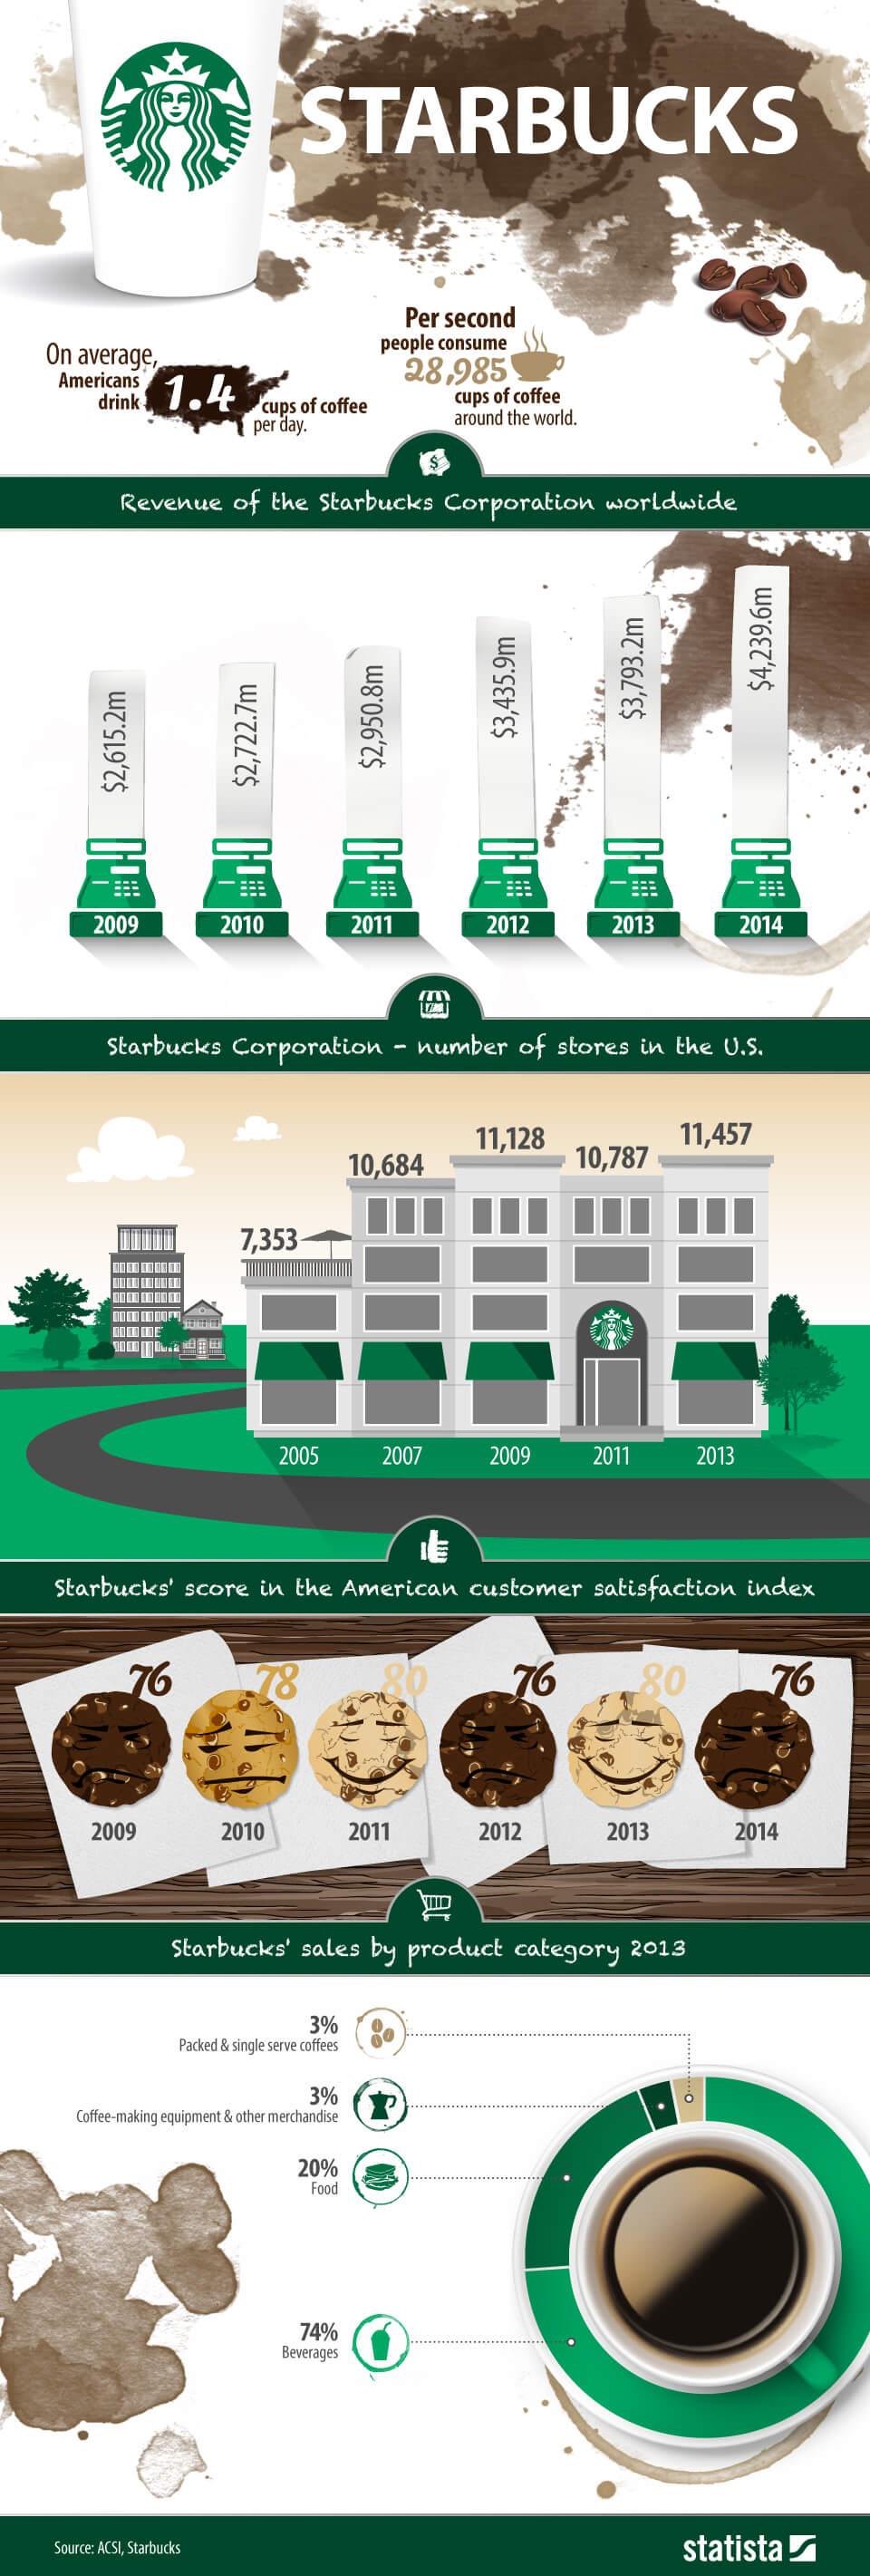 Diseño de infografía - ejemplo de infografía temática de Starbucks